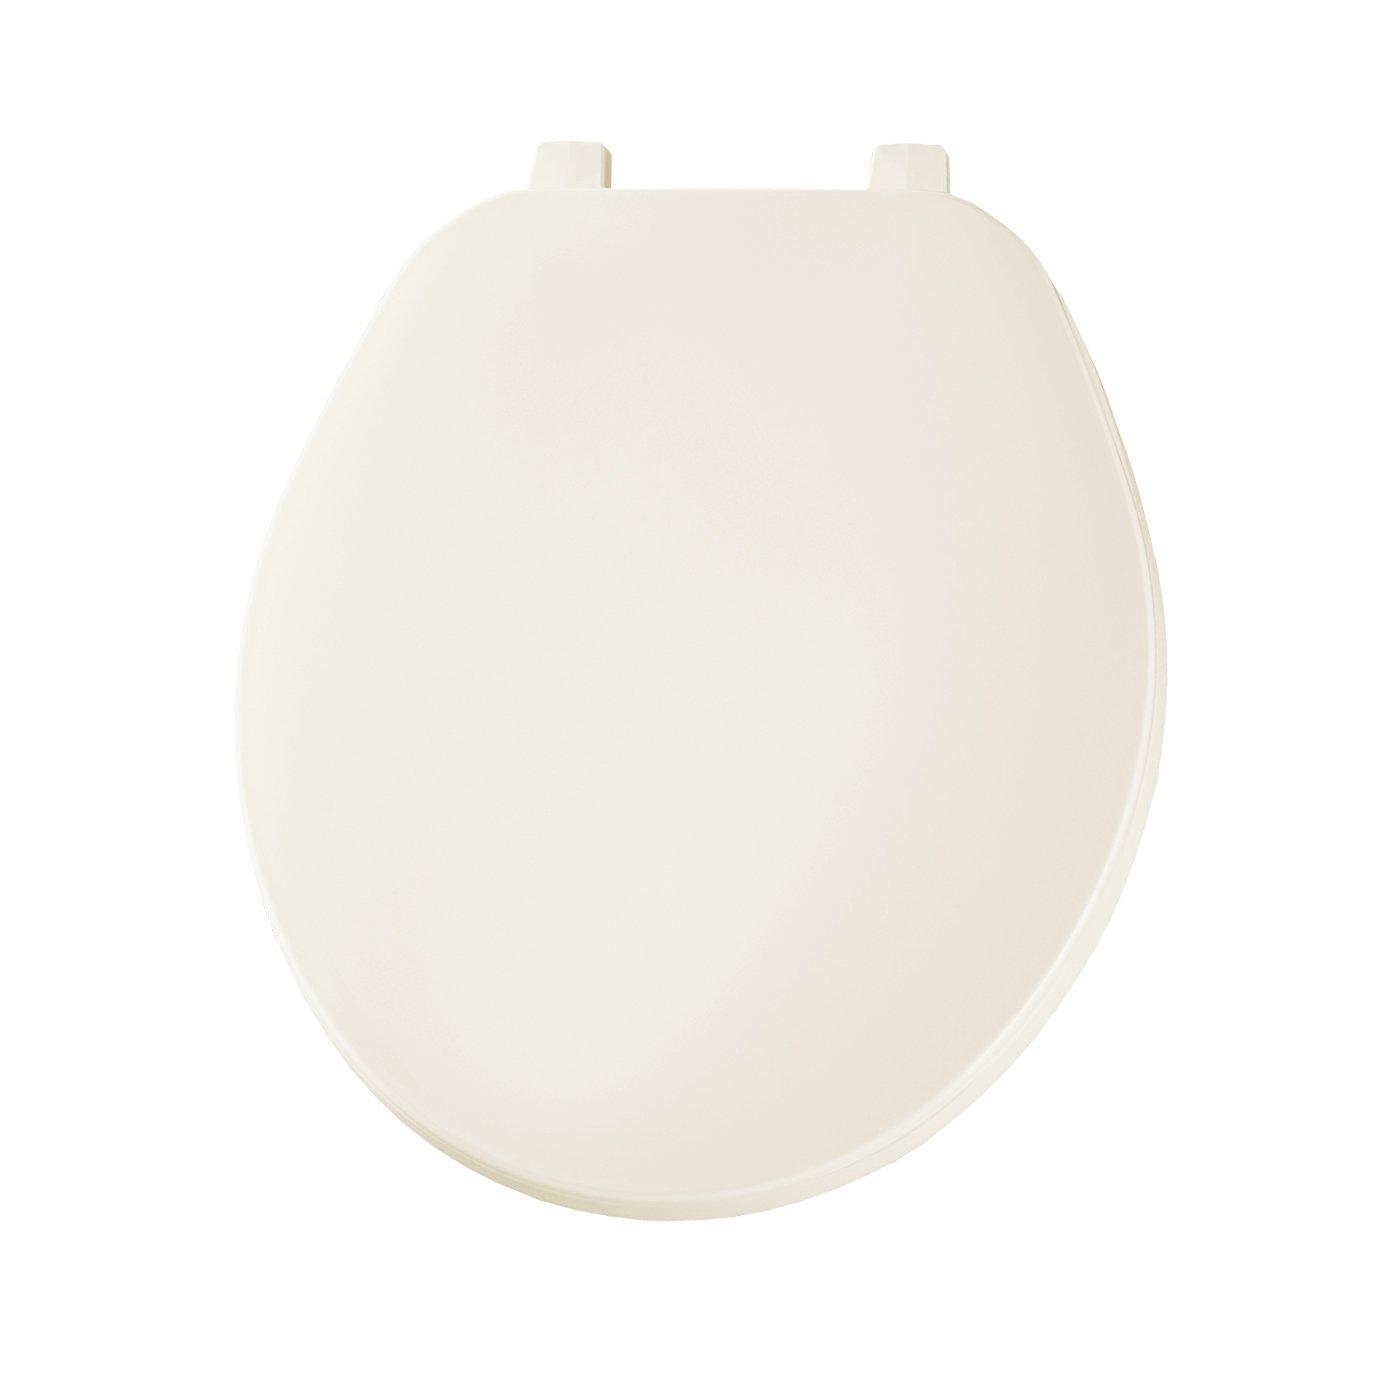 Bemis 70006 Economy Plastic Round Toilet Seat, Bone